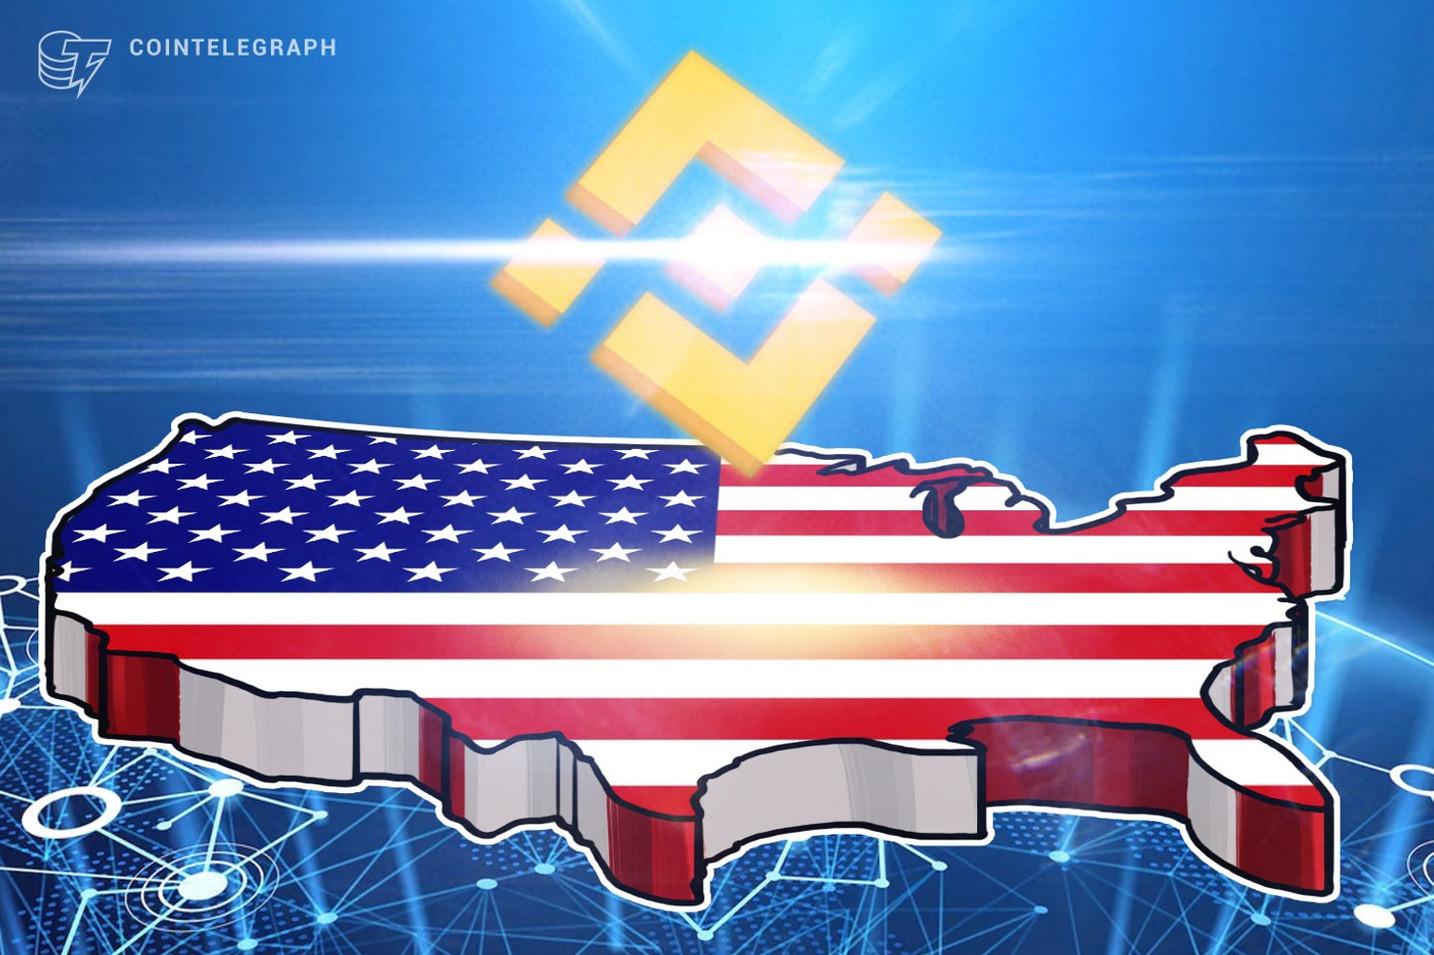 仮想通貨取引所バイナンスUS、ダッシュ(DASH)を上場へ